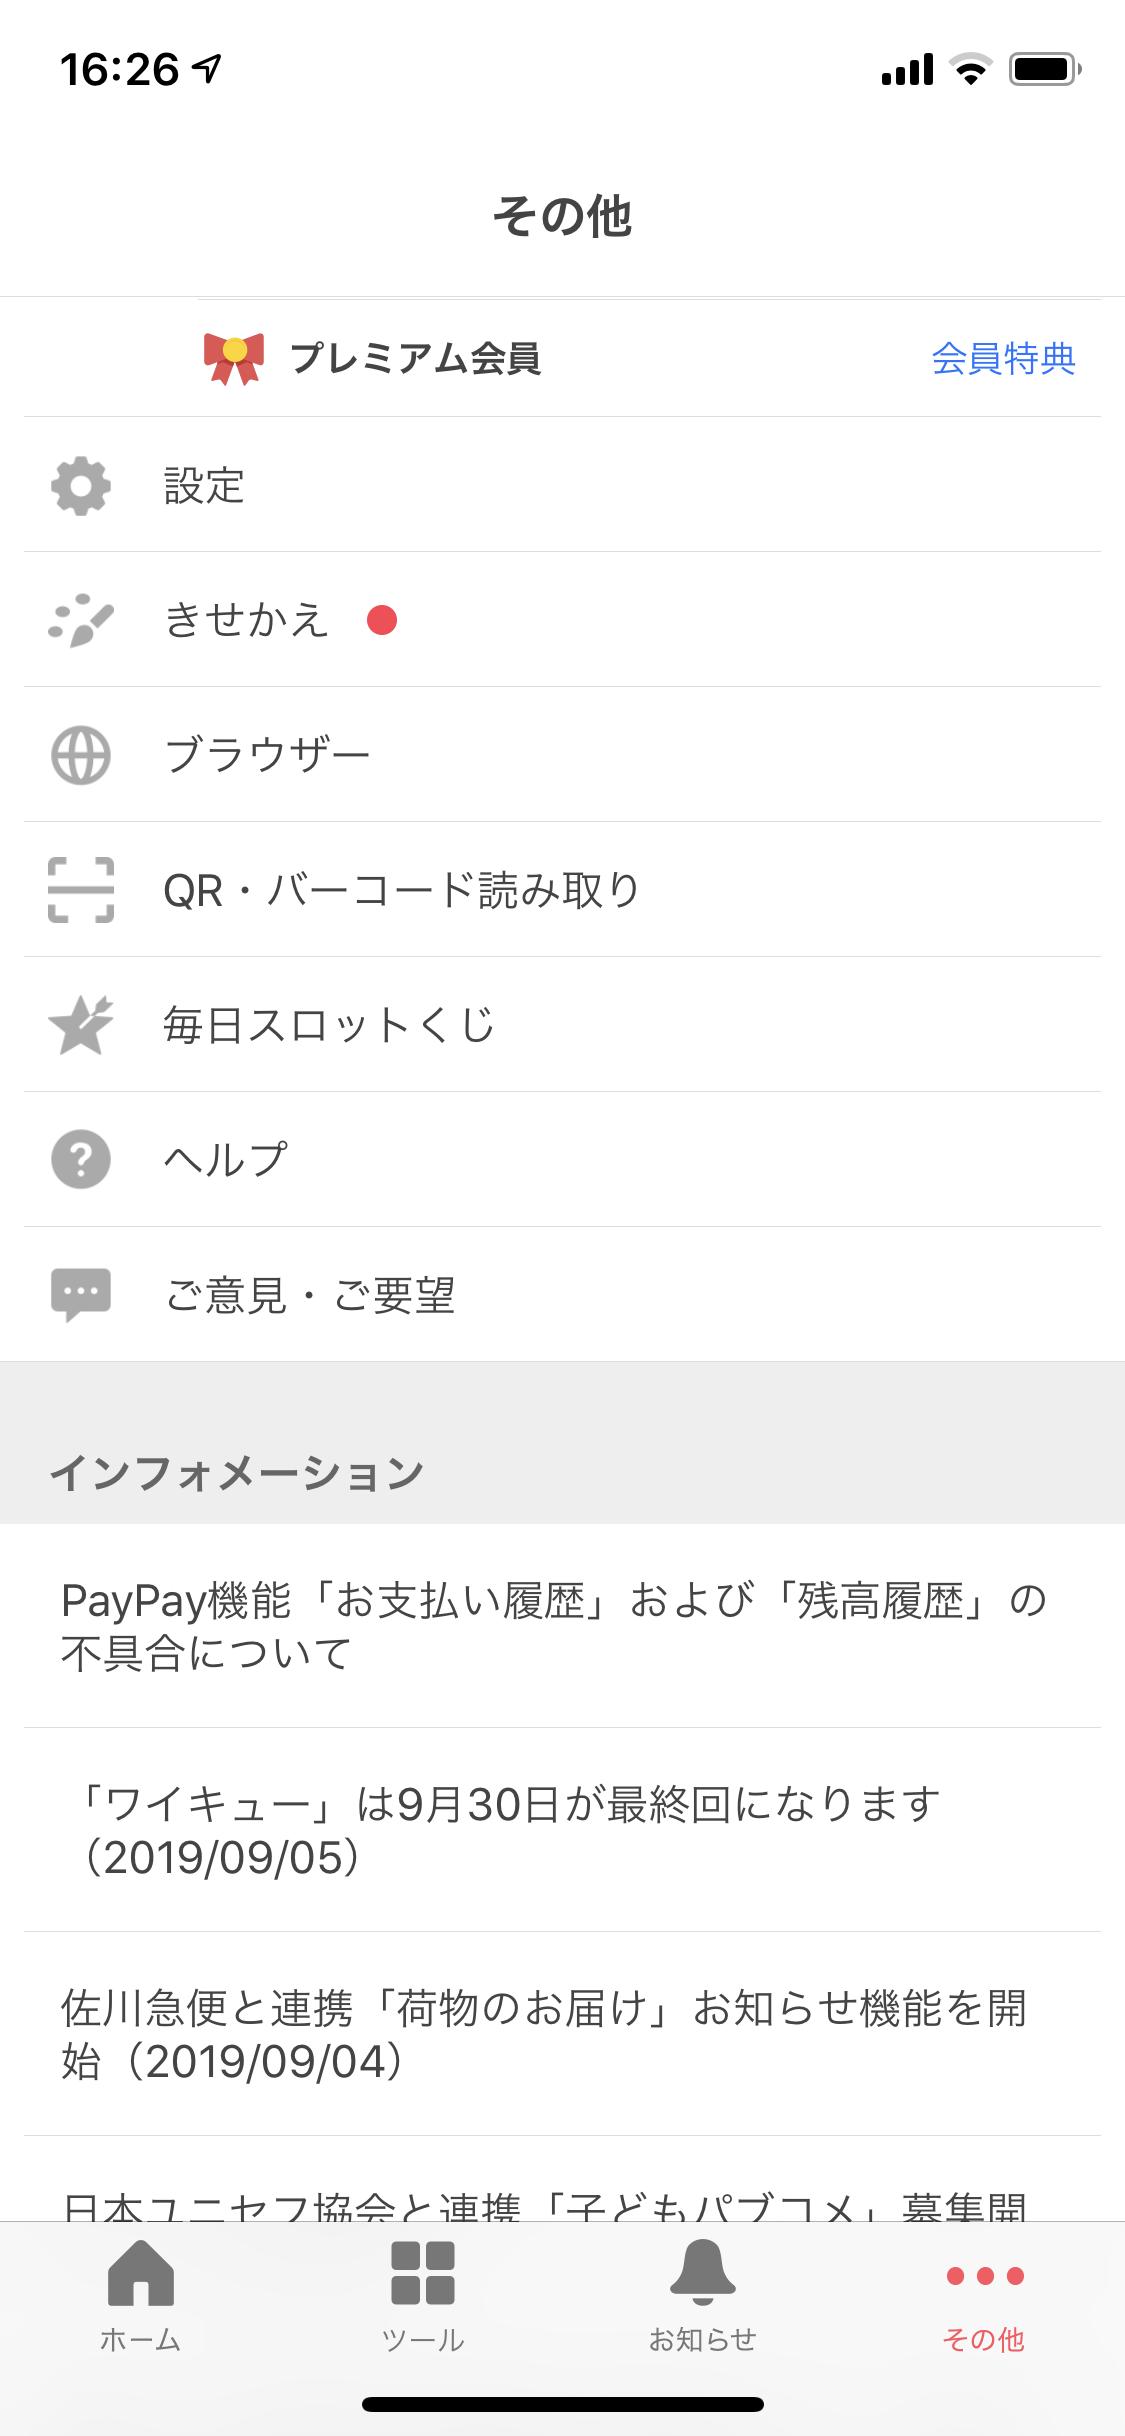 アプリの画面4